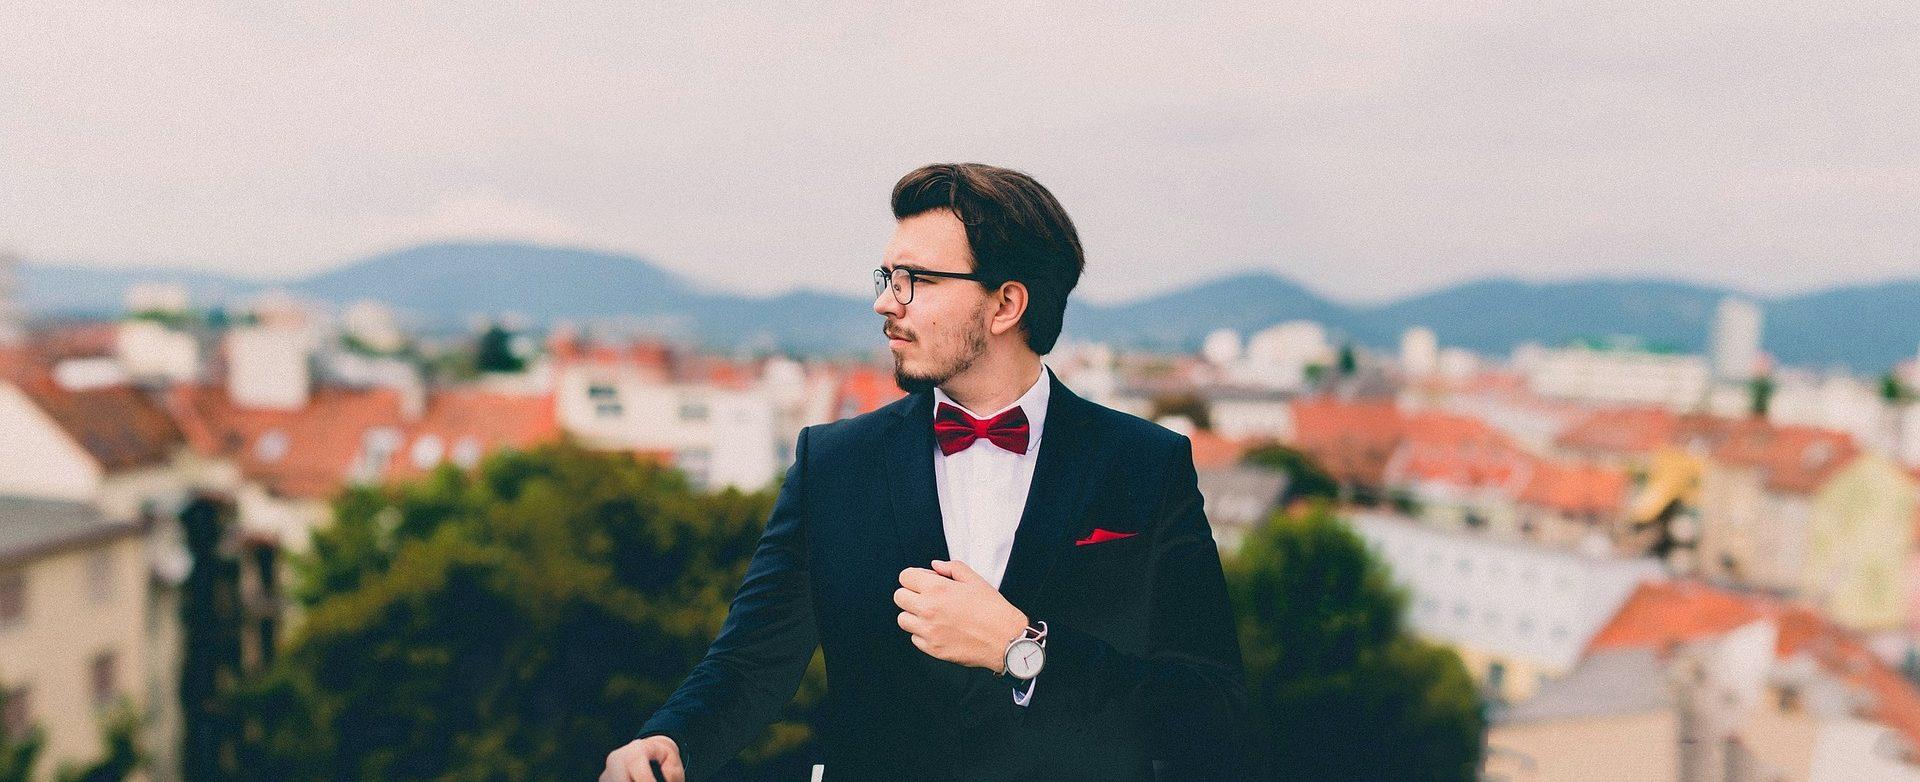 suit-691849_1920-e1465322145844.jpg